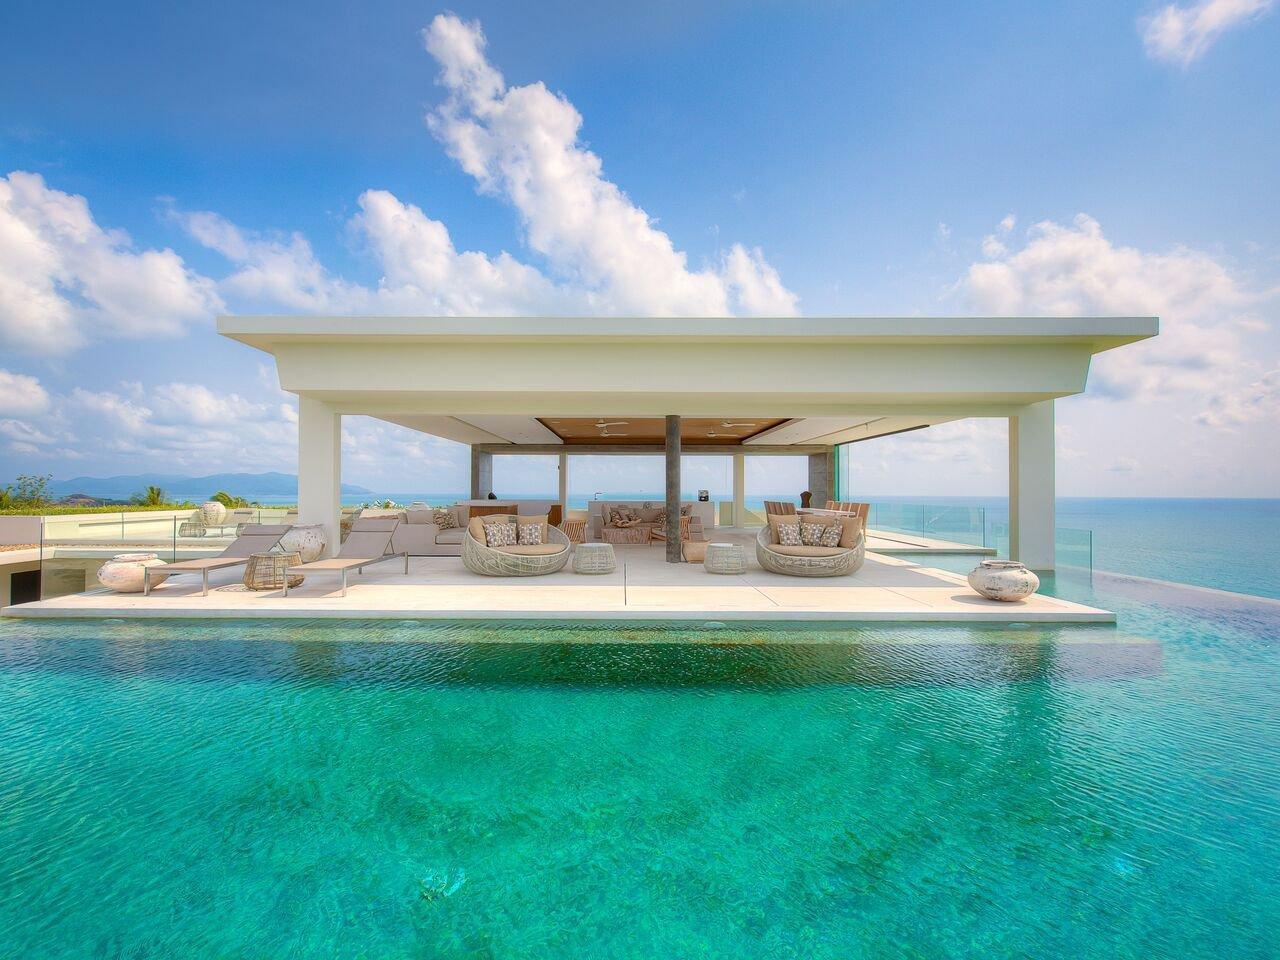 villa's op kaapstad - top villa's - villa huren met vrienden - mooie villa's in zuid-afrika - mooie villa's in thailand - luxe villa huren - villa huren spanje - vakantiehuis huren zuid afrika - huis huren wereldwijd